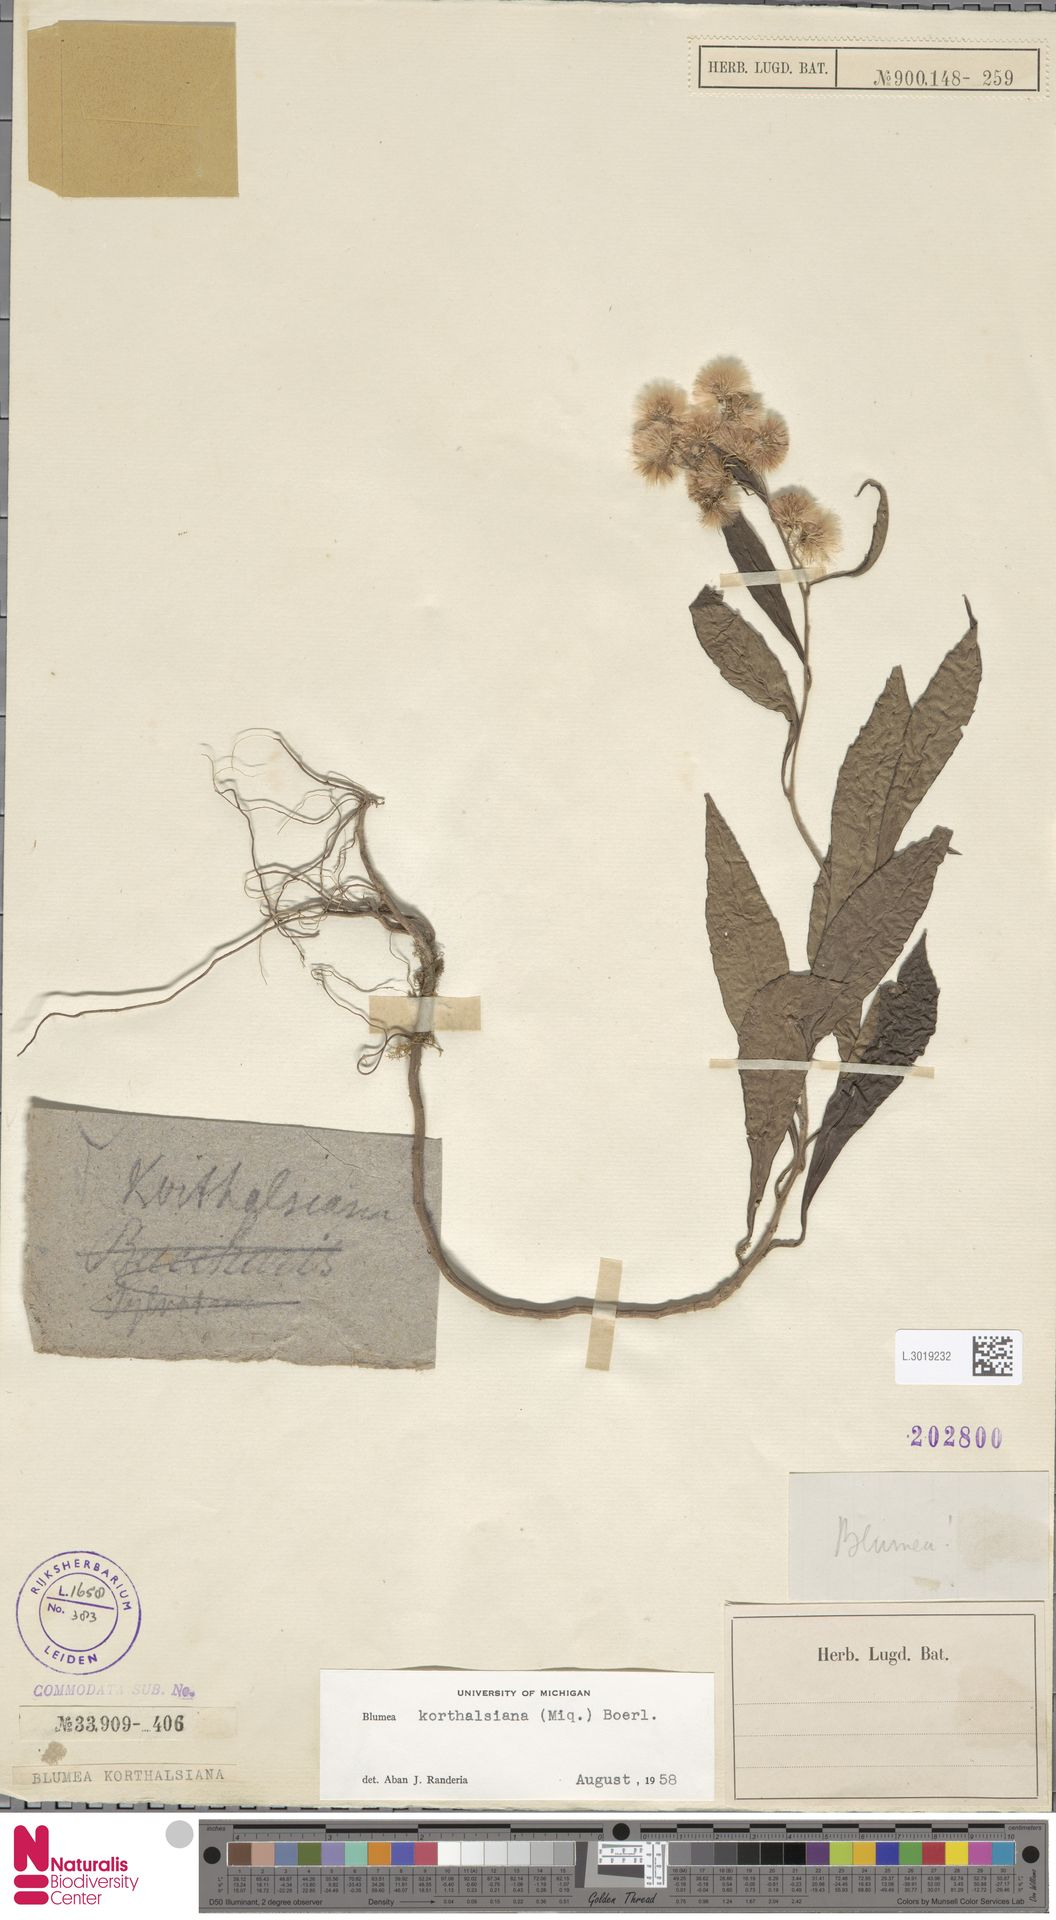 L.3019232 | Blumea korthalsiana (Miq.) Boerl.